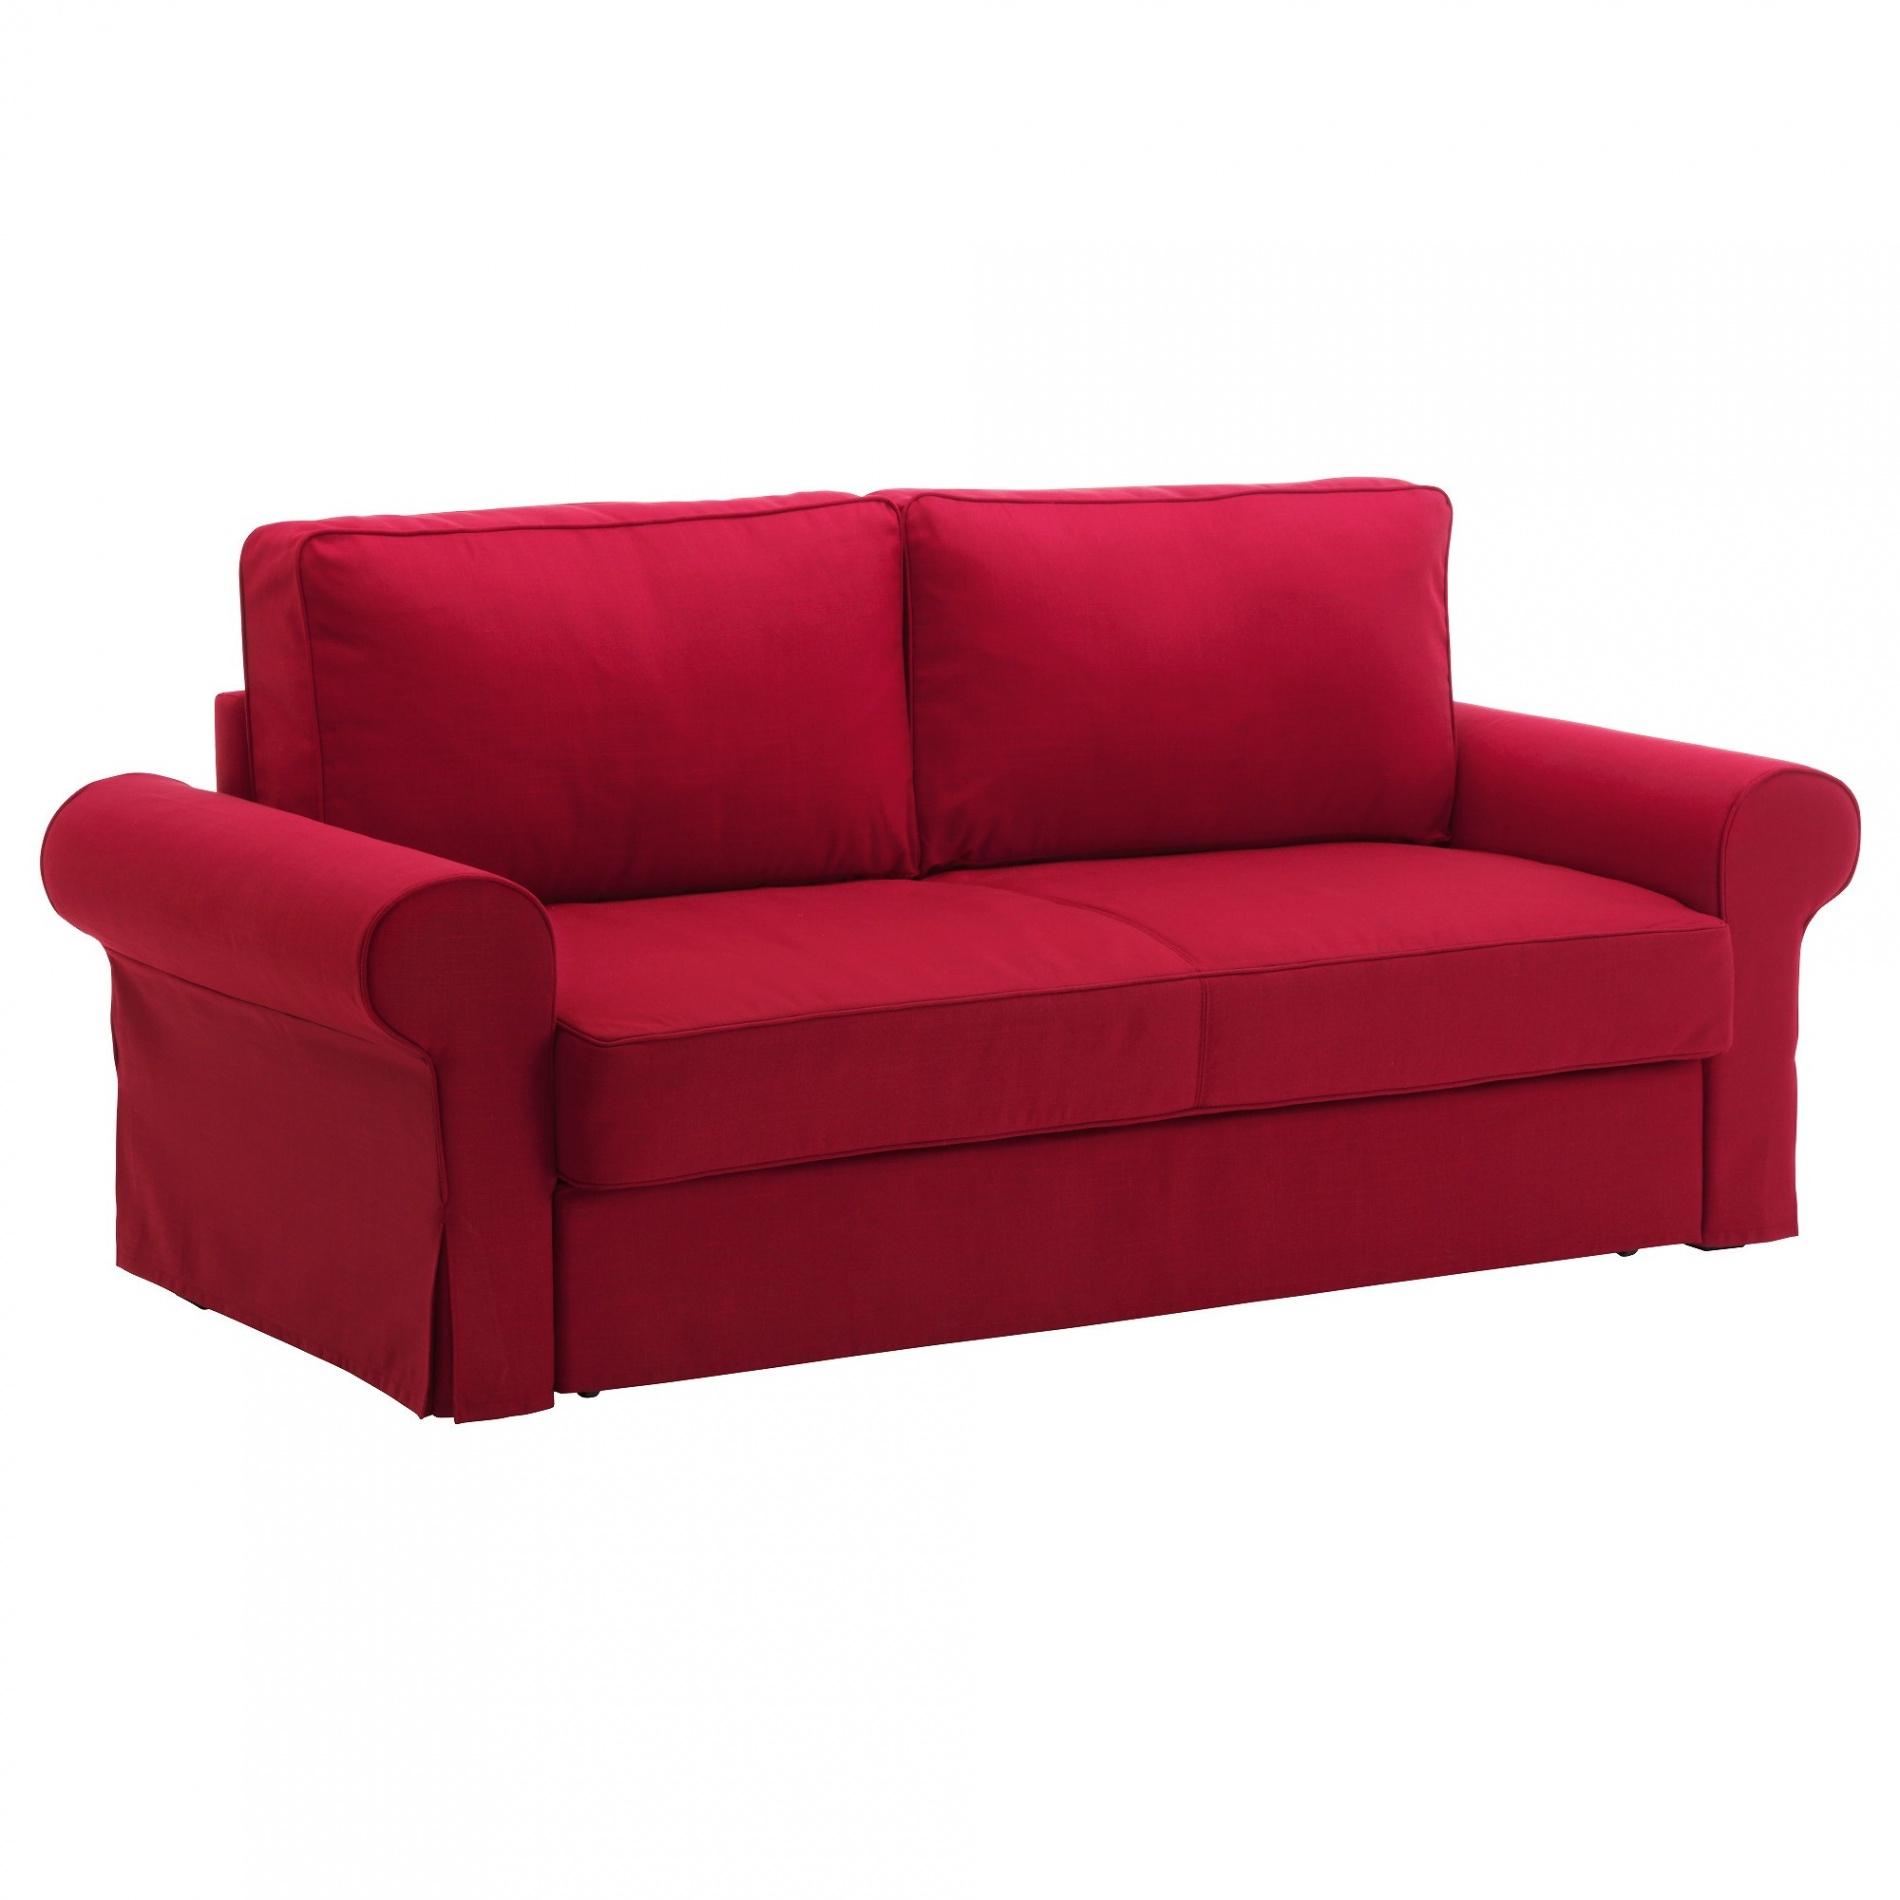 Fauteuil Convertible Lit 1 Place Ikea Canapé Convertible ... destiné Bz 1 Place Ikea